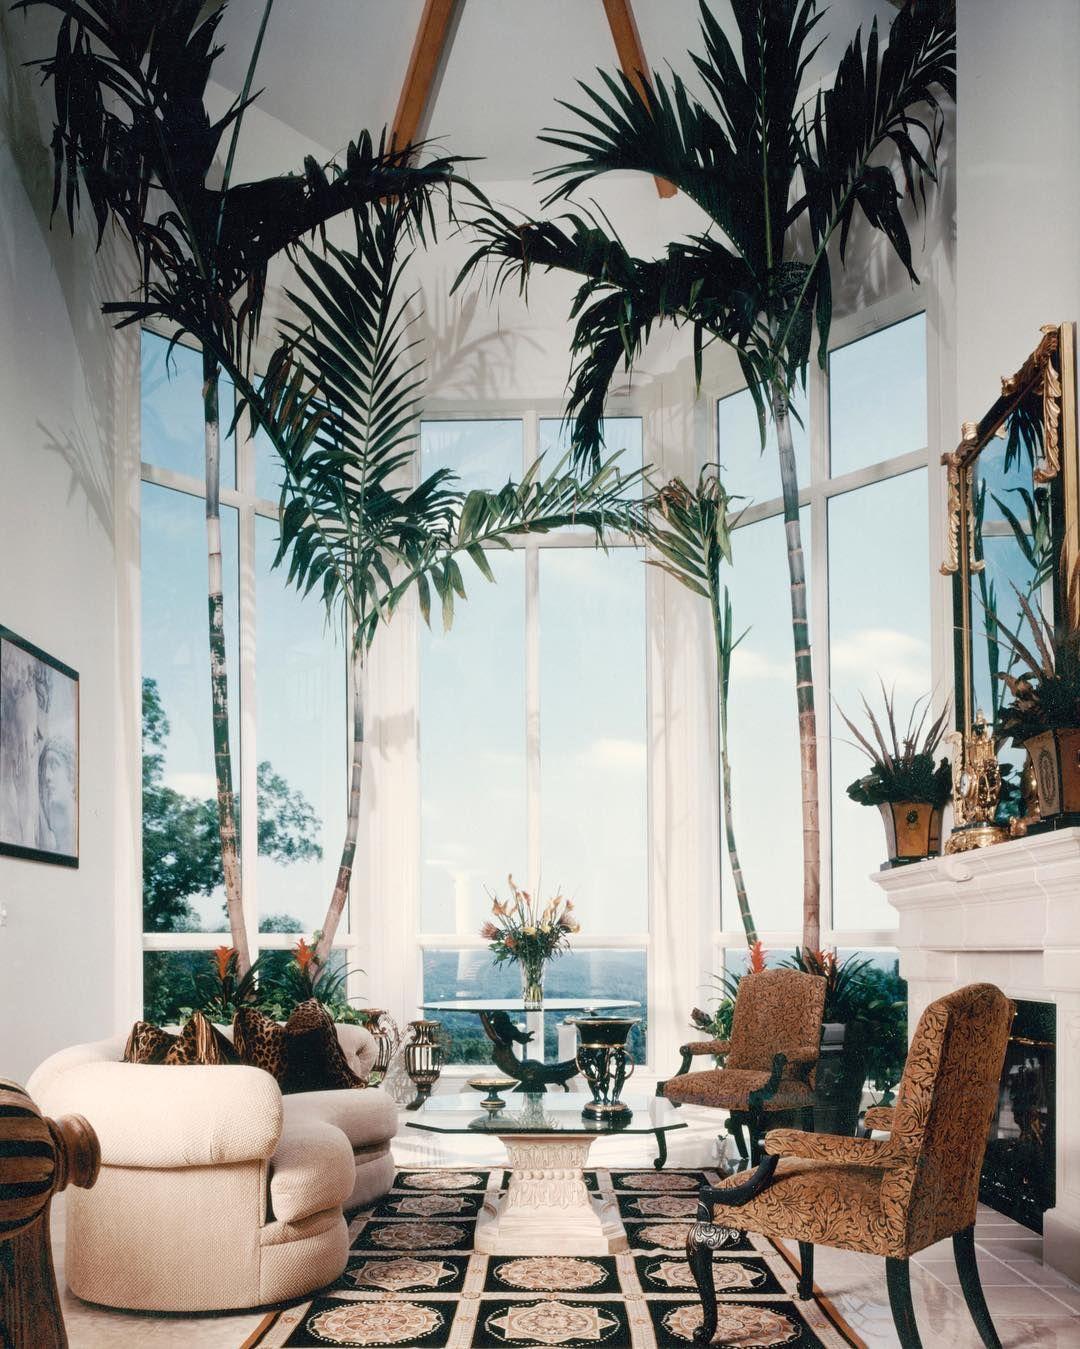 Innenarchitektur wohnzimmer für kleine wohnung pin von jea nette nettersheim auf house and garden  pinterest